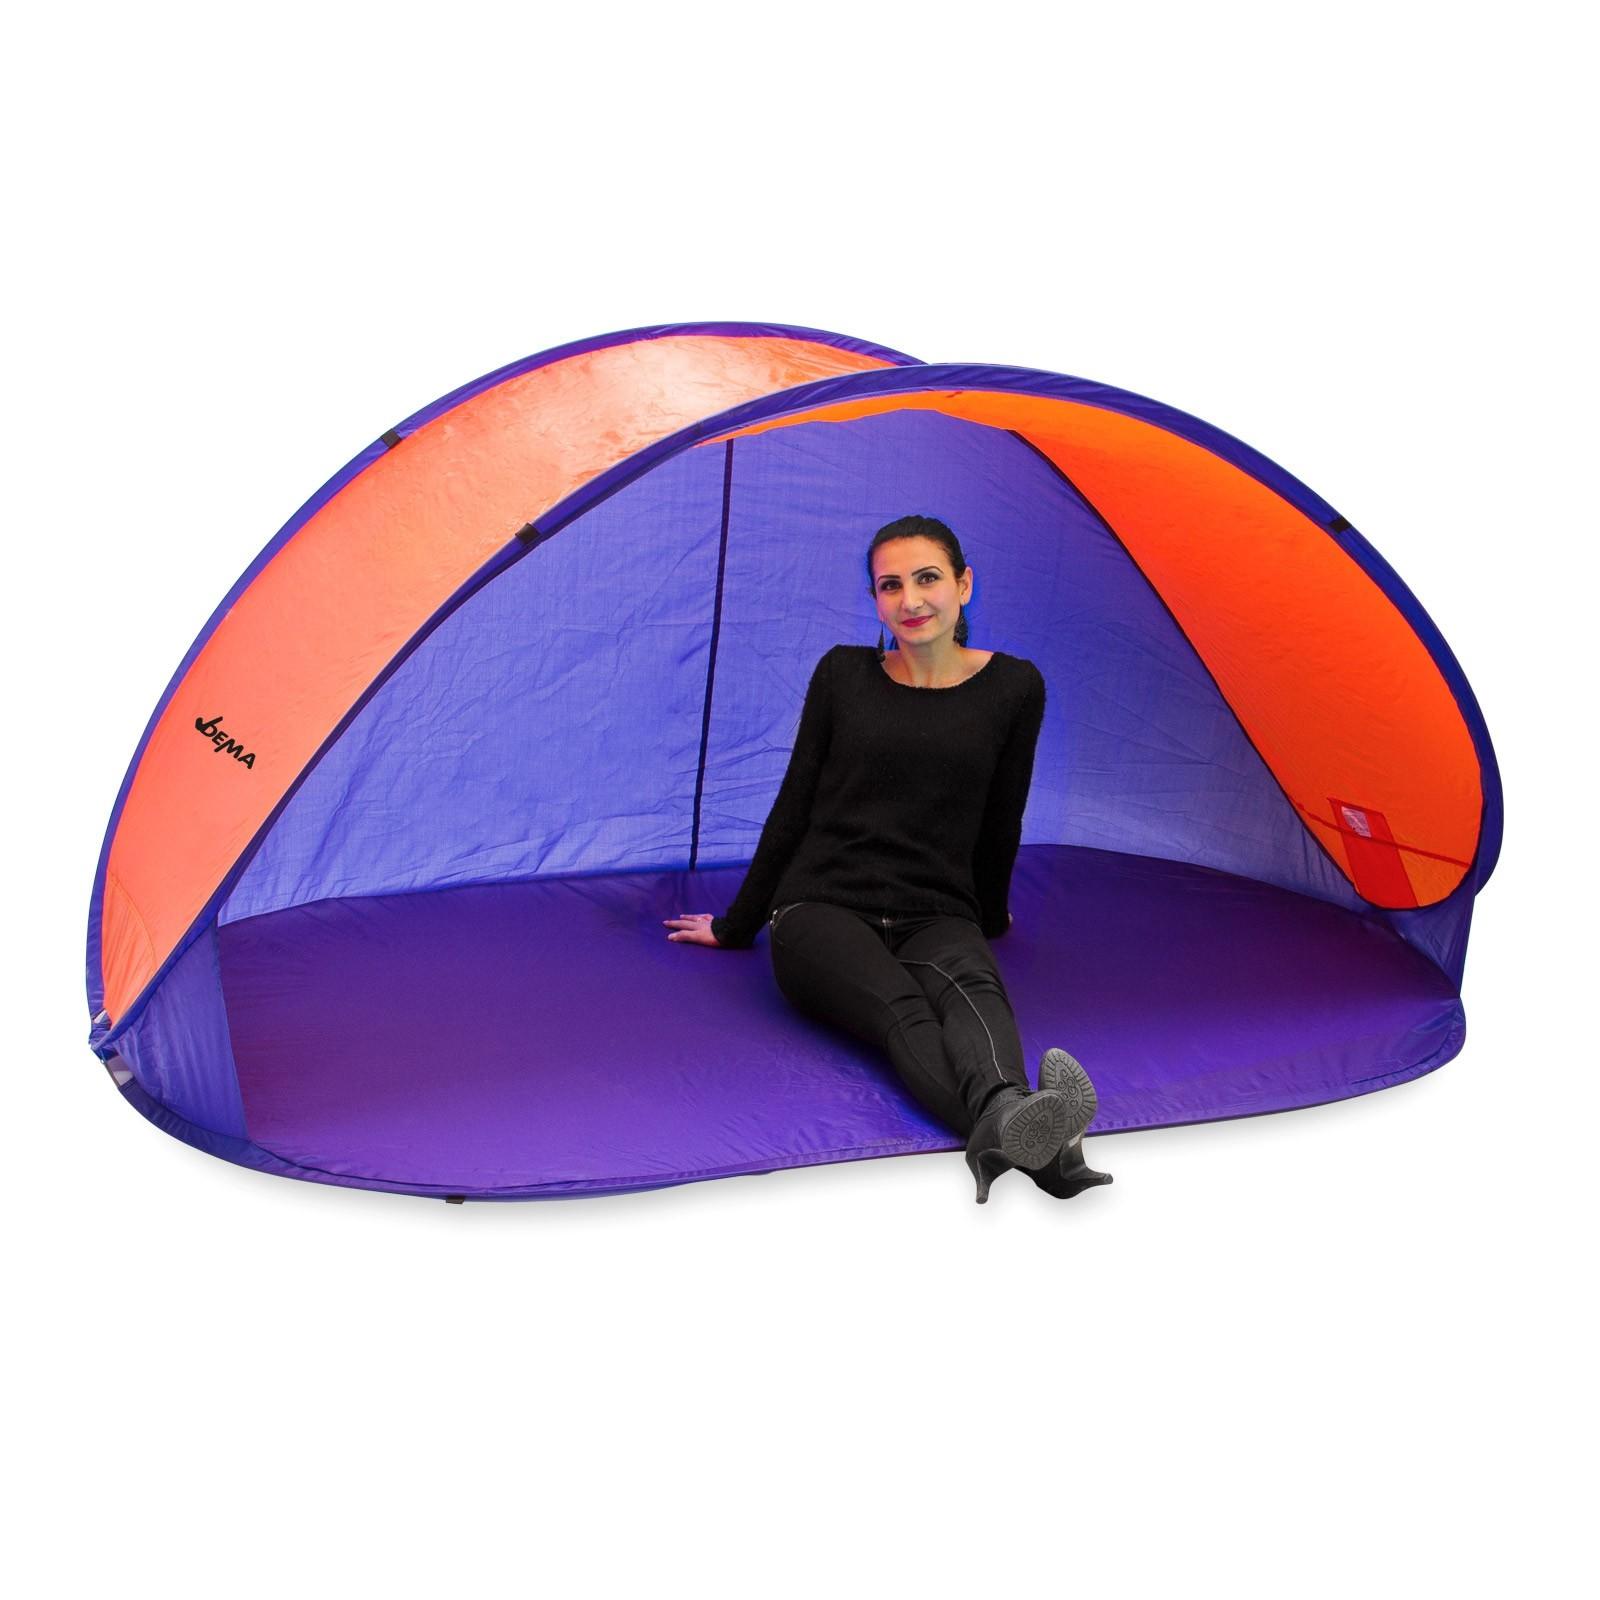 Dema Strandmuschel Pop Up Strandzelt Sonnenschutz Windschutz orange/blau Wurfzelt 43241